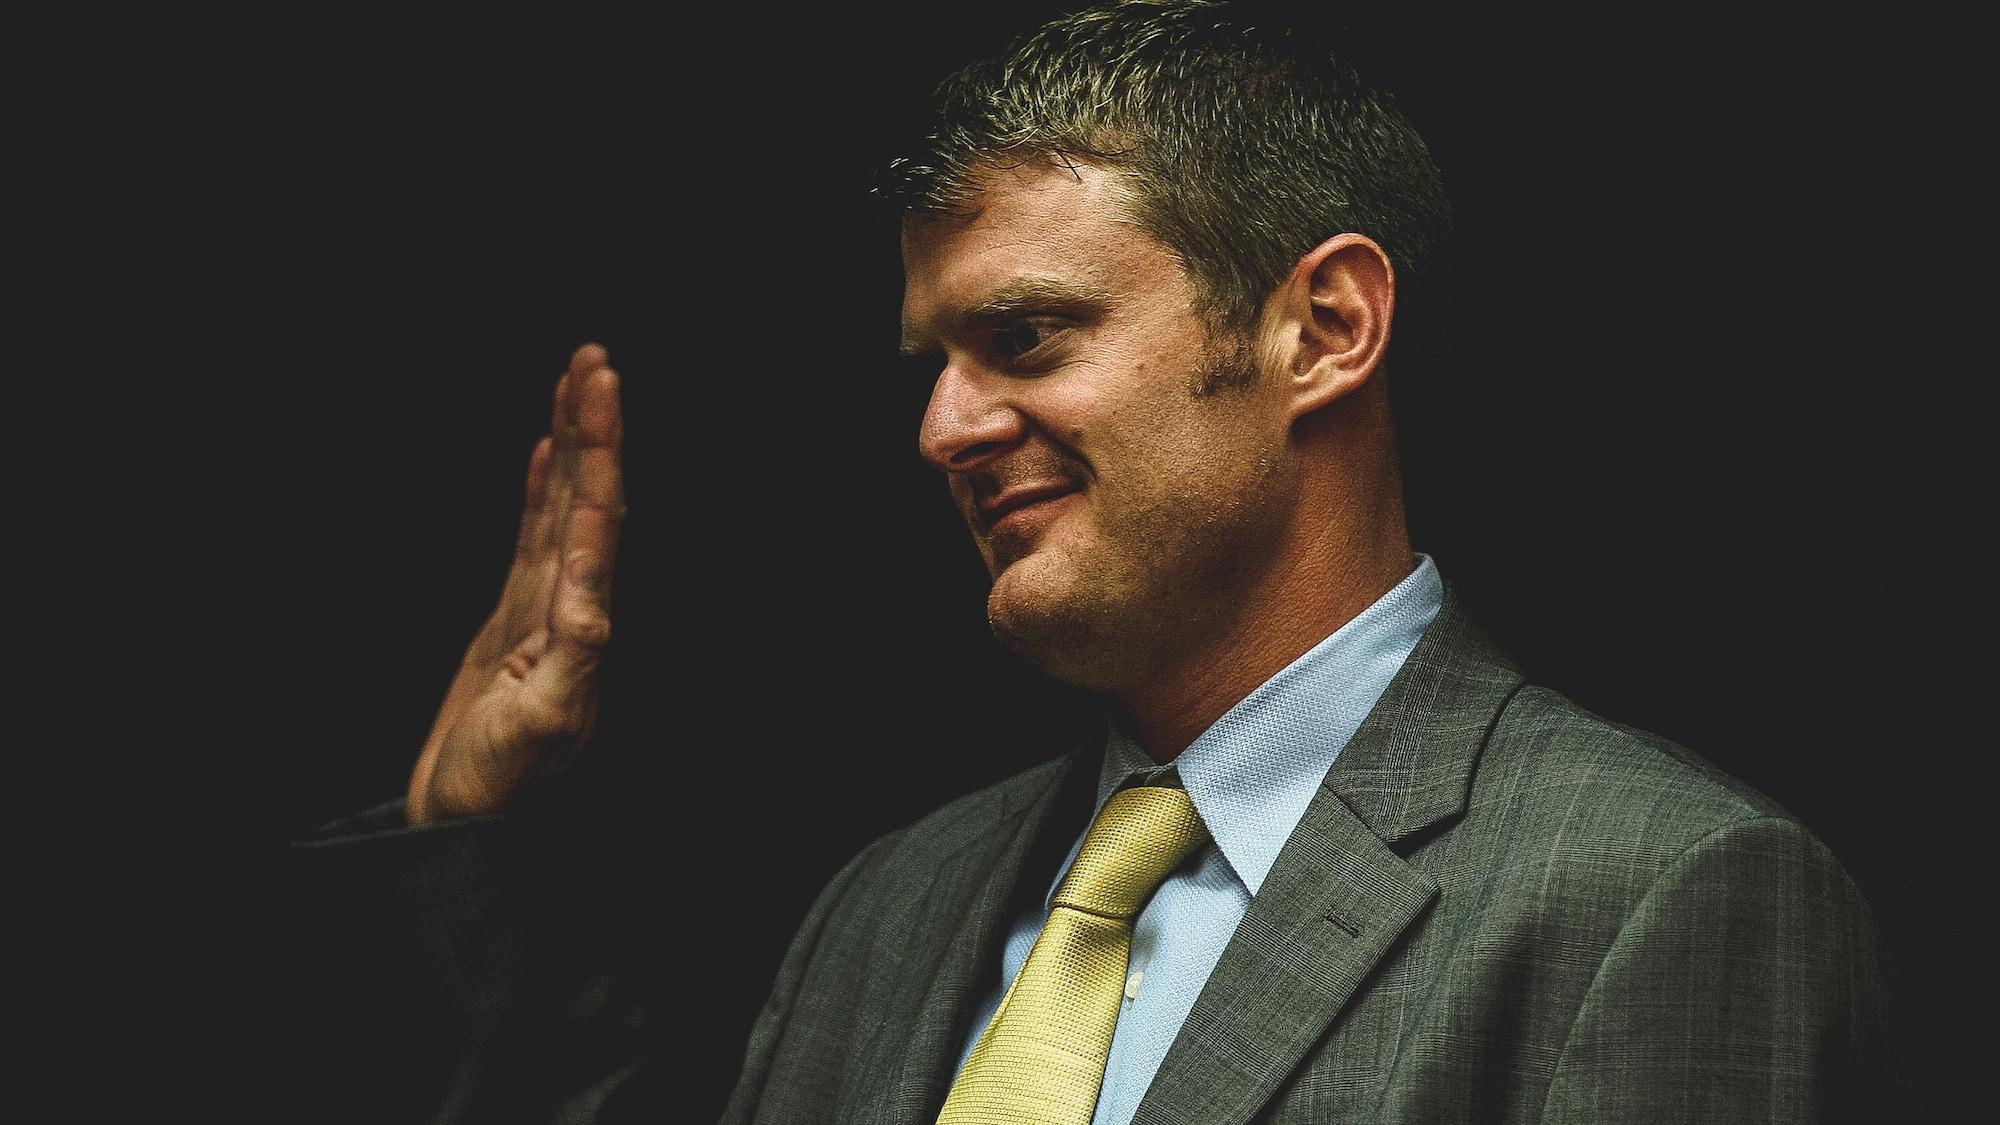 Floyd Landis lève la main droite pour prêter serment.